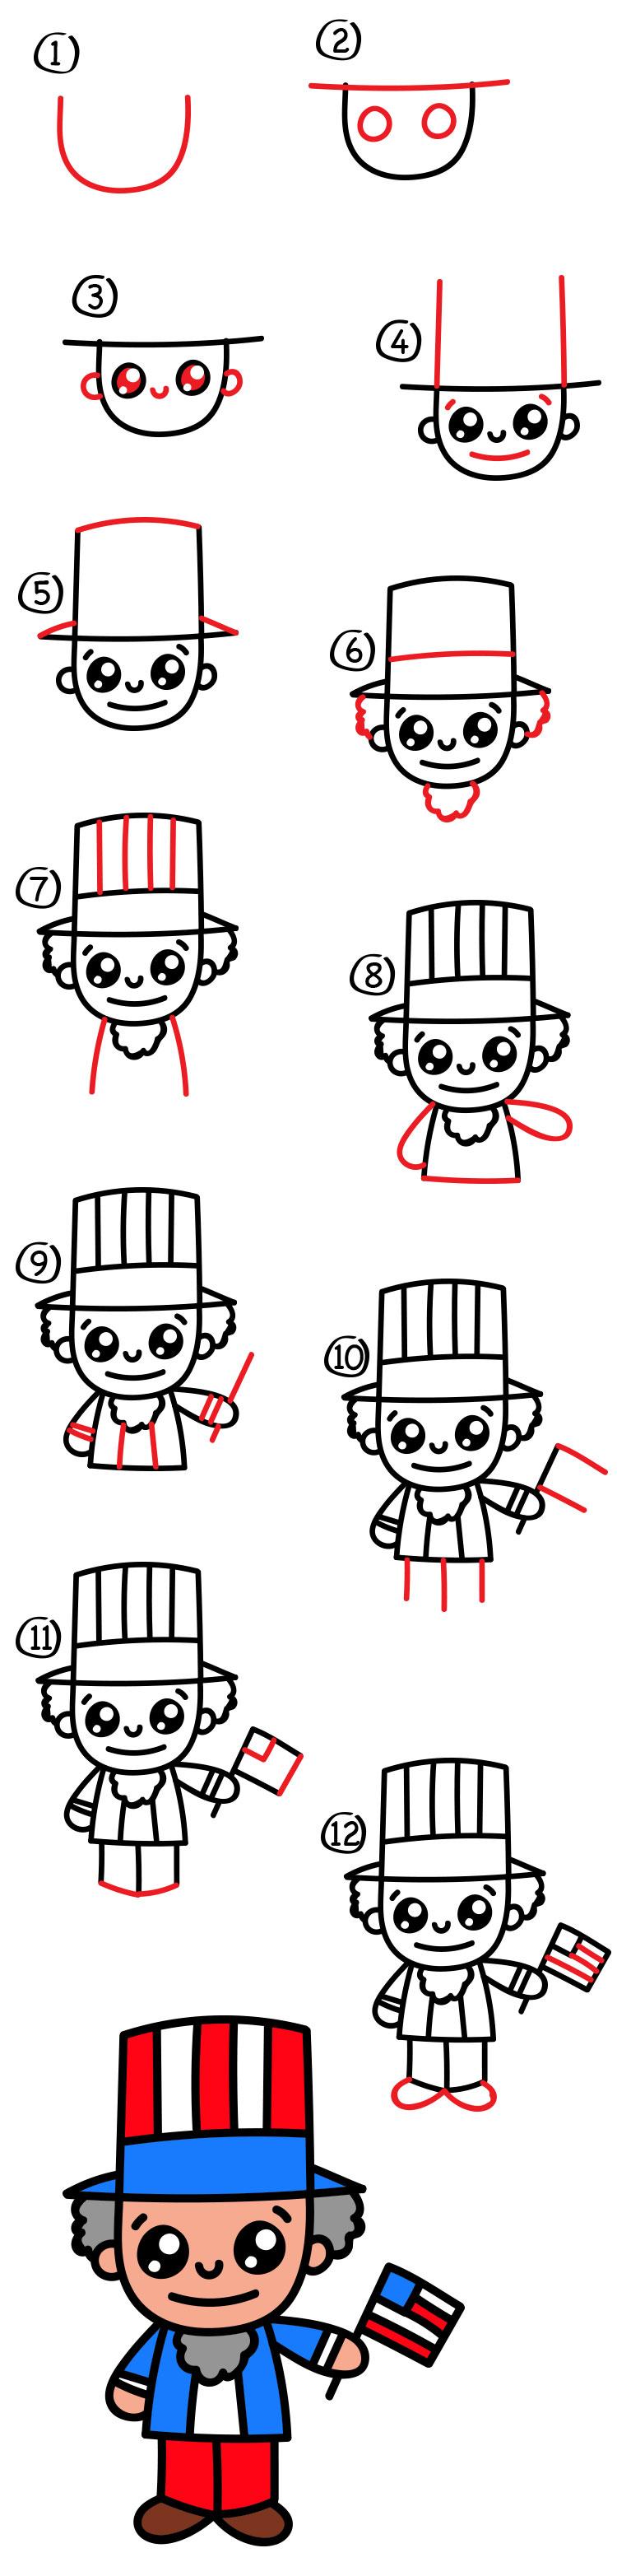 Easy Cartoons Draw Spongebob